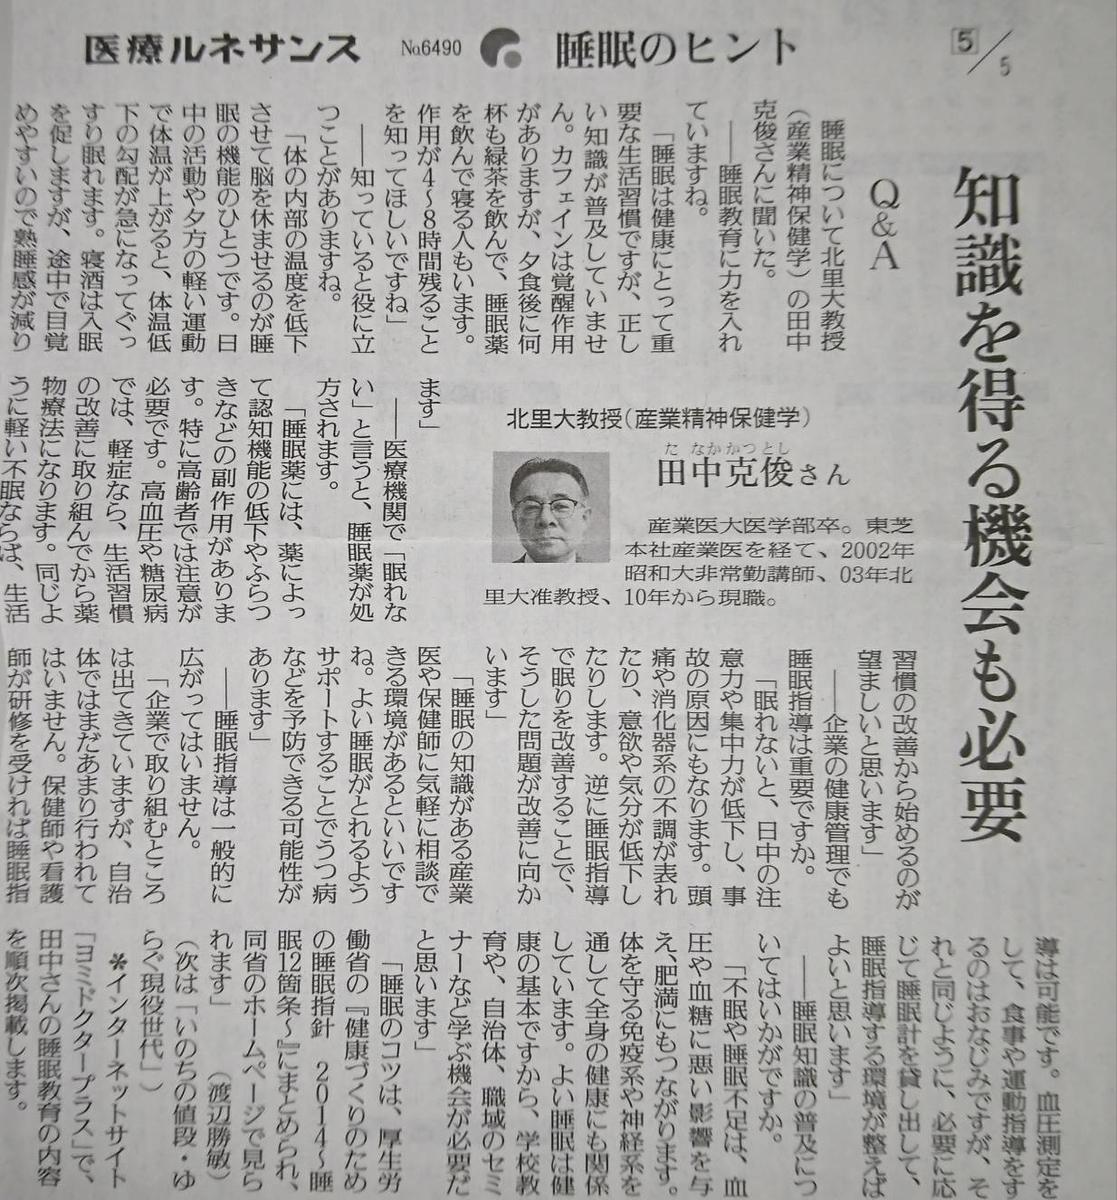 f:id:kazura-kobayashi:20200613144226j:plain